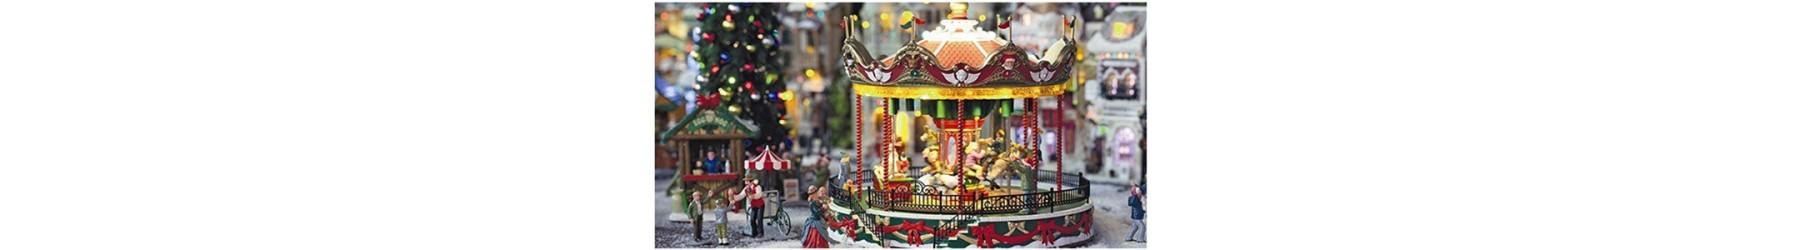 Παραμυθένια  Χριστουγεννιάτικα Carousel  σε διάφορες παραστάσεις